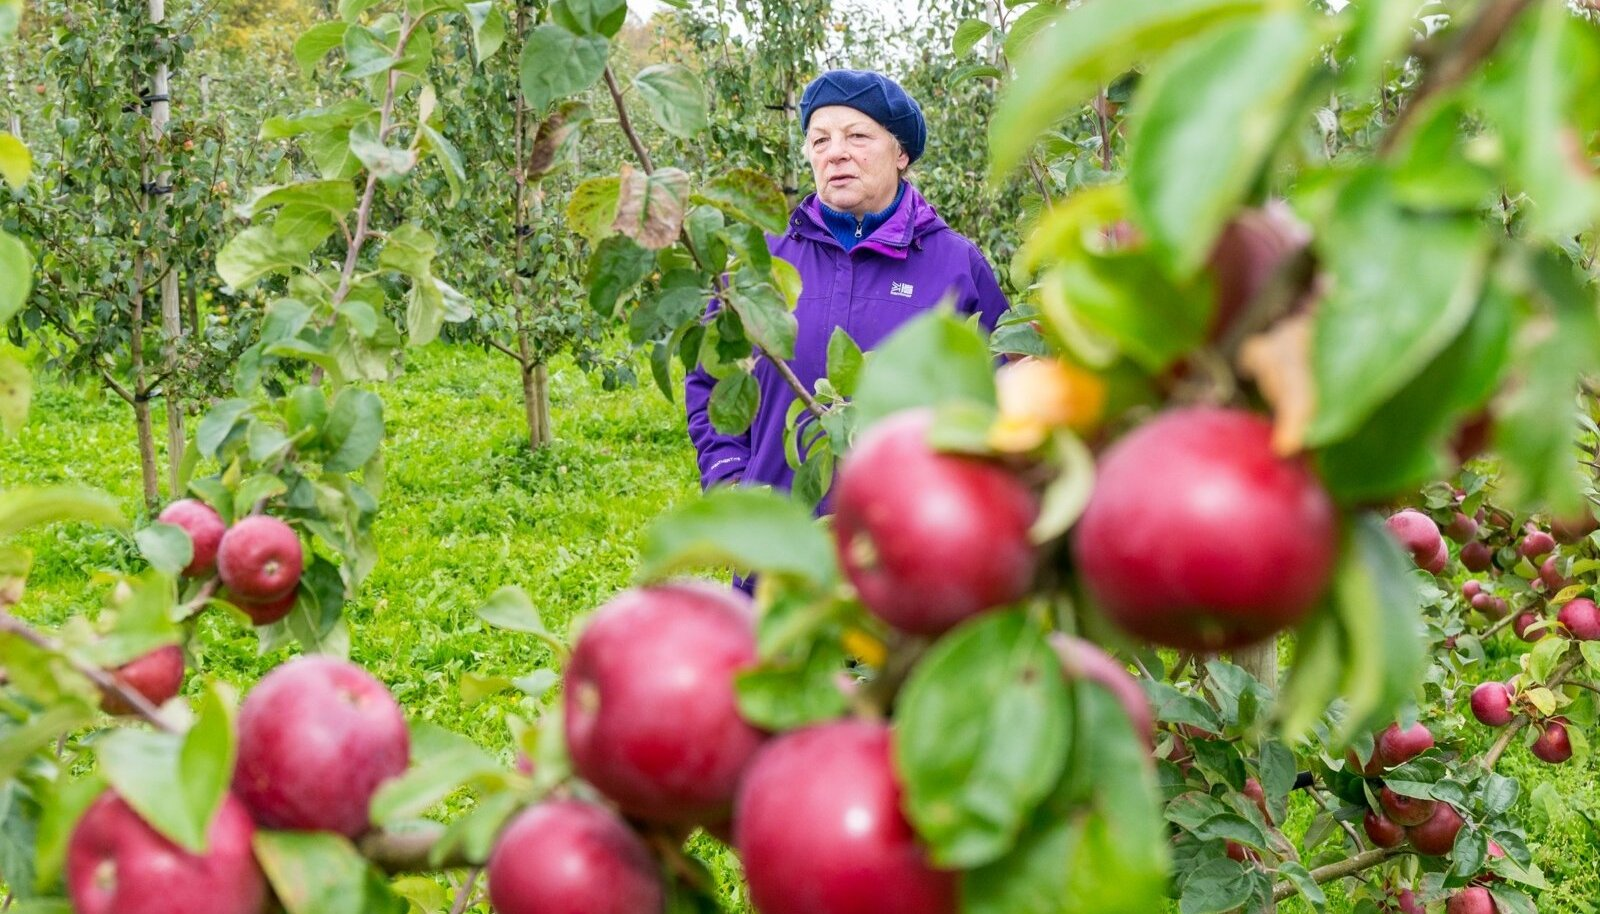 """""""See ei vasta tõele, et Eestis ei saa kasvatada ilusat punast õuna,"""" ütleb TÜ Vasula Aed juhataja Imbi Rohejärv 'Alesja' sorti puu juures."""